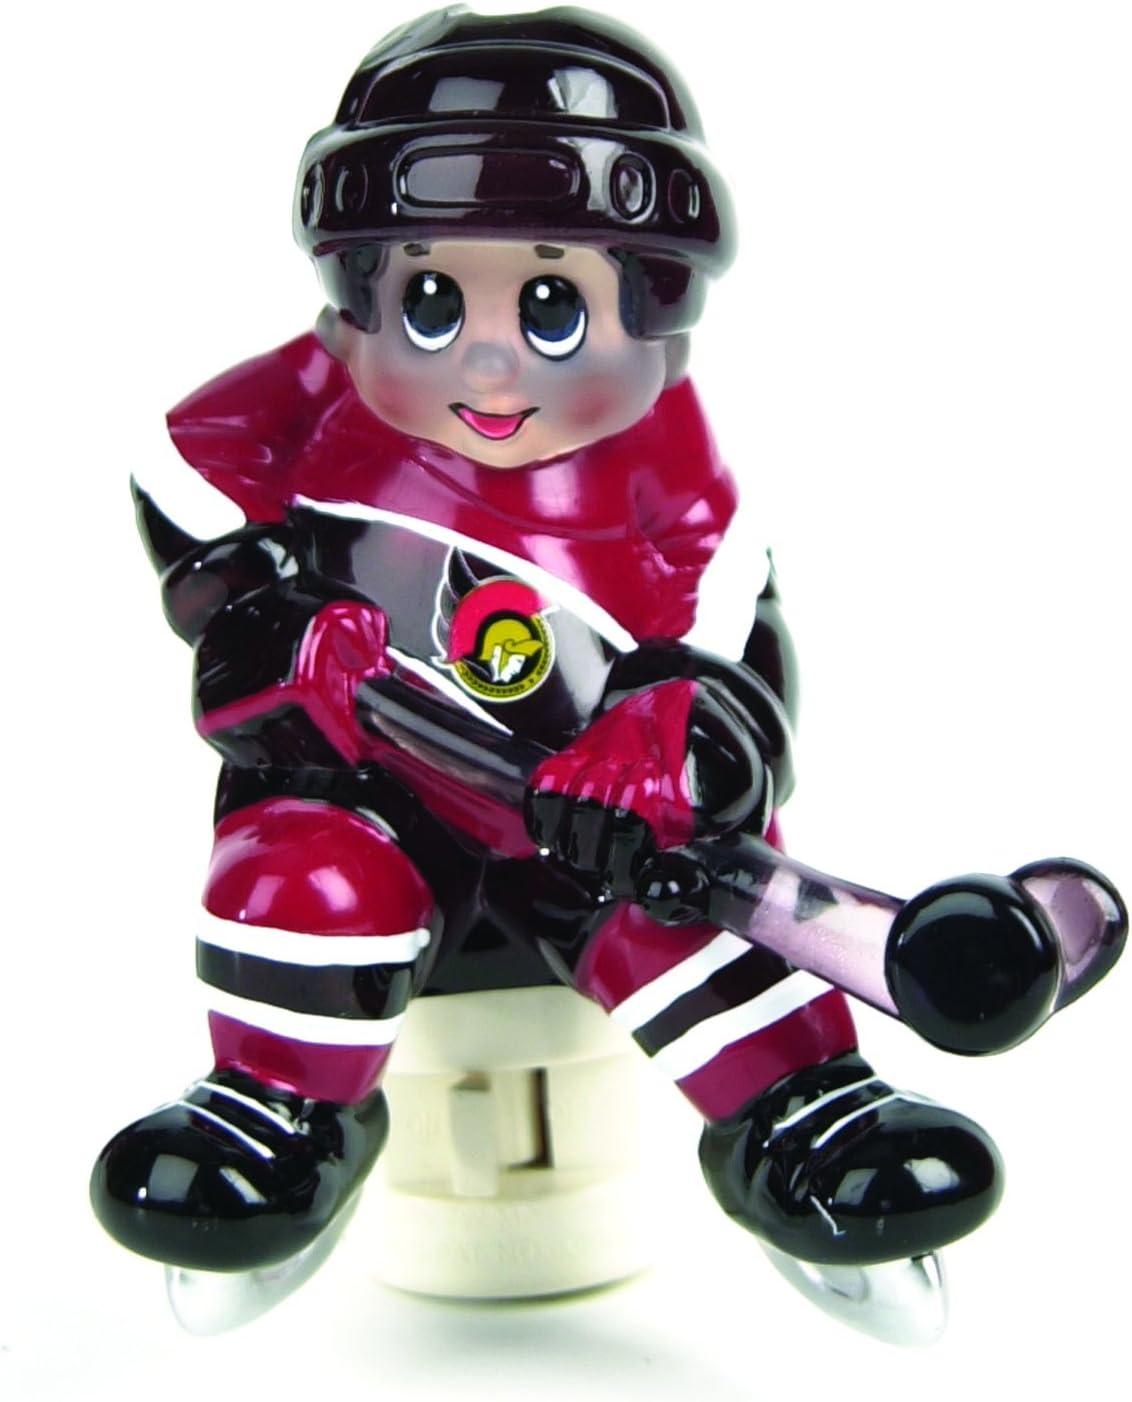 NHL Ottawa Senators Player Night Light